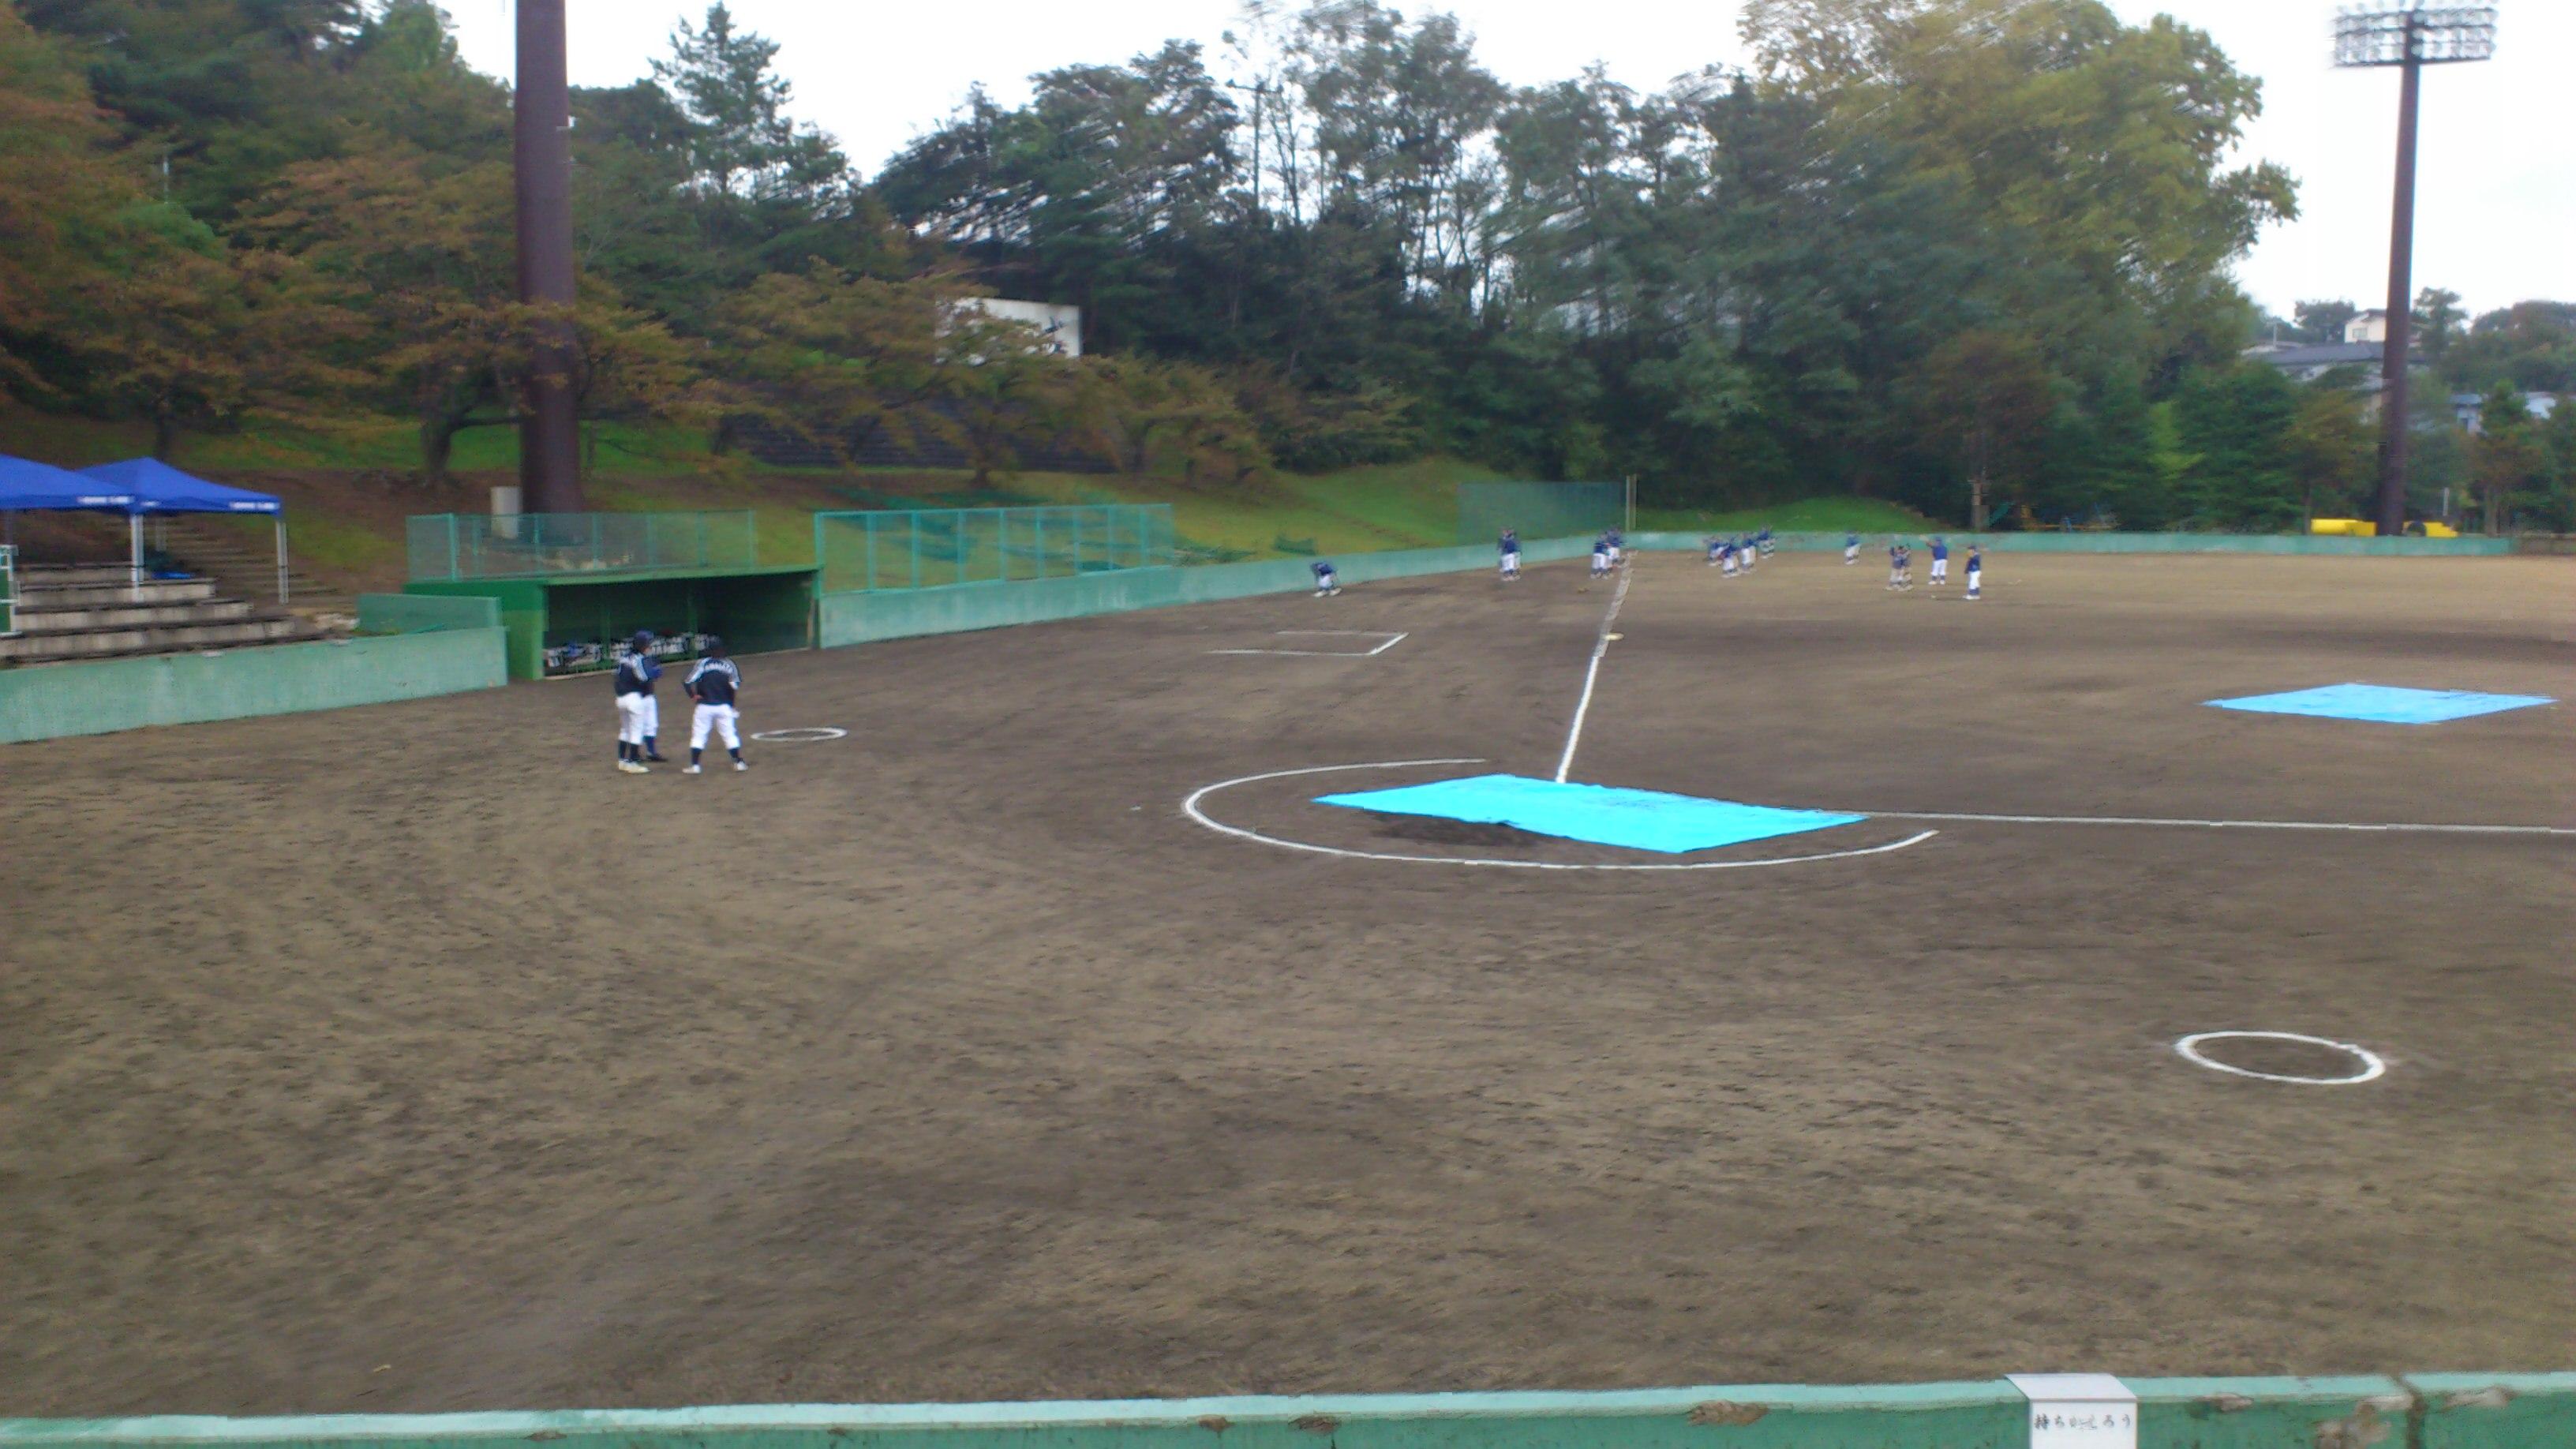 鳥海八幡野球クラブ:2013年10月